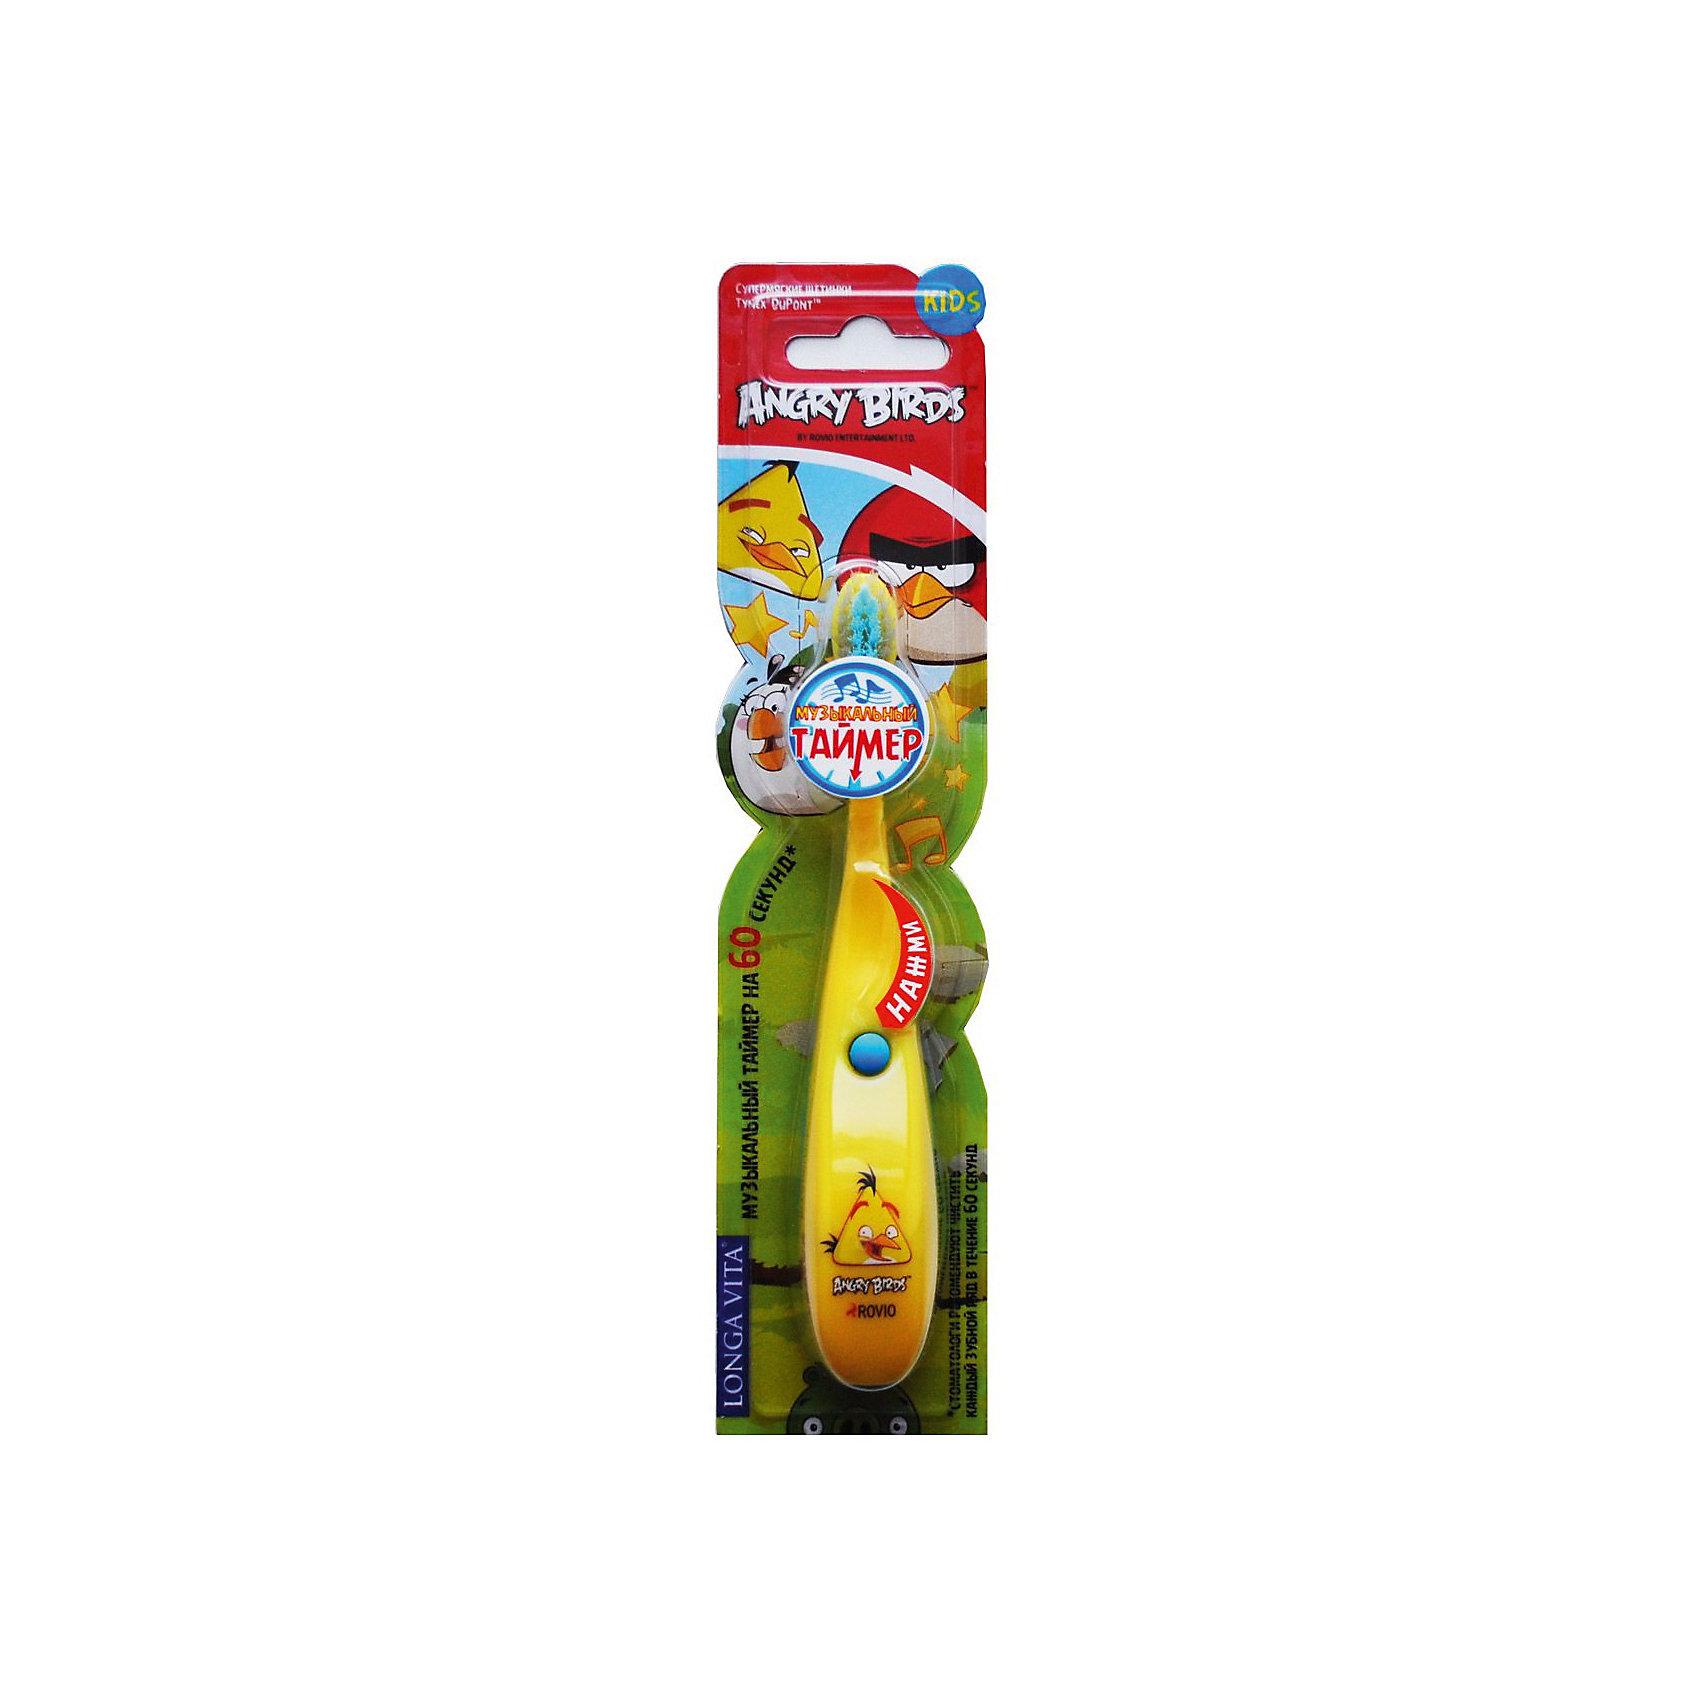 Детская зубная щётка музыкальная, Angry Birds, LONGA VITA, желтыйДетская музыкальная зубная щётка, Angry Birds, LONGA VITA (Лонга Вита), желтая.   <br><br>Характеристика:<br><br>• Материал: пластик нейлон.<br>• Размер упаковки: 23х6х2 см. <br>• Жесткость: мягкая щетина Tynex DuPont. <br>• Удобная подставка-присоска.<br>• Эргономичная ручка с выступом для большого пальца. <br>• Музыкальный таймер на 60 секунд (минимальное время чистки зубов, рекомендованное стоматологами). <br>• Яркий привлекательный дизайн. <br>• Батарейки в комплекте. <br><br>Яркая зубная щетка с веселыми Angry Birds (Энгри Бердс) приведет в восторг любого ребенка! Нажимай на кнопку, слушай веселые мелодии и ухаживай за зубами! Щетка прекрасно удаляет зубной налет, очень маневренная, оснащена удобной подставкой-присоской. Благодаря мягкой щетине, не травмирует нежные детские десны. Удобная эргономичная ручка препятствует выскальзыванию. Привлекательный дизайн, изображения любимых героев и веселые звуки сделают процесс чистки зубов увлекательным и веселым! <br><br>Детскую музыкальную зубную щётку, Angry Birds, LONGA VITA, желтую, можно купить в нашем магазине.<br><br>Ширина мм: 20<br>Глубина мм: 25<br>Высота мм: 160<br>Вес г: 40<br>Возраст от месяцев: 36<br>Возраст до месяцев: 72<br>Пол: Унисекс<br>Возраст: Детский<br>SKU: 5130697